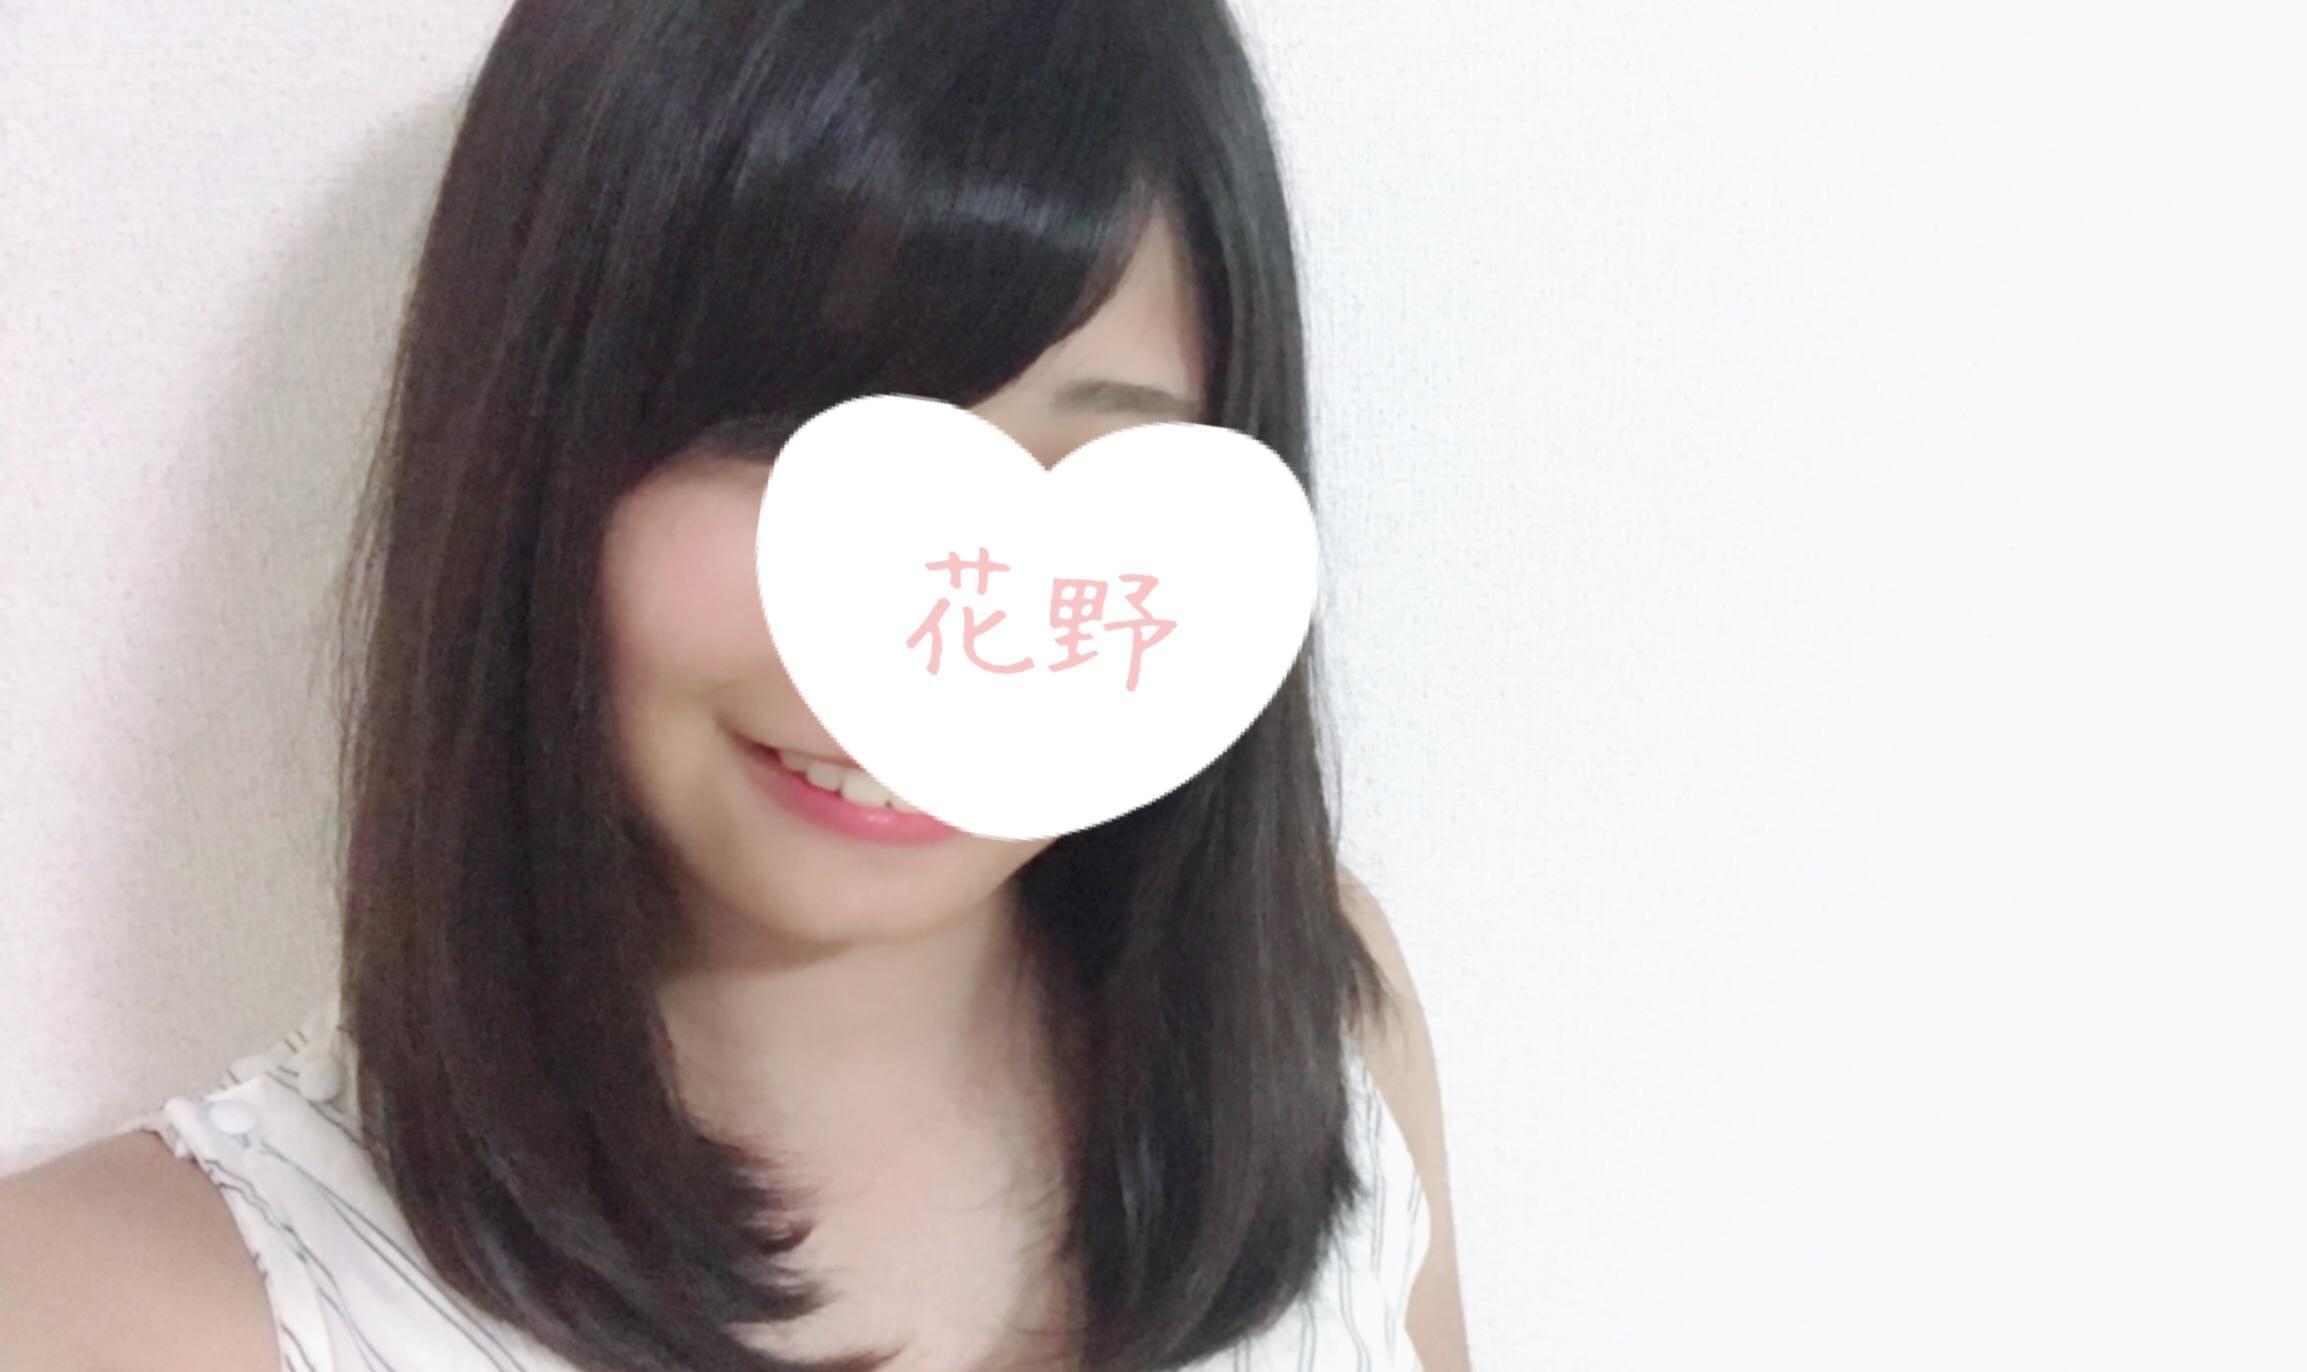 「花野です〜〜」07/13(金) 12:55 | 花野ゆりの写メ・風俗動画